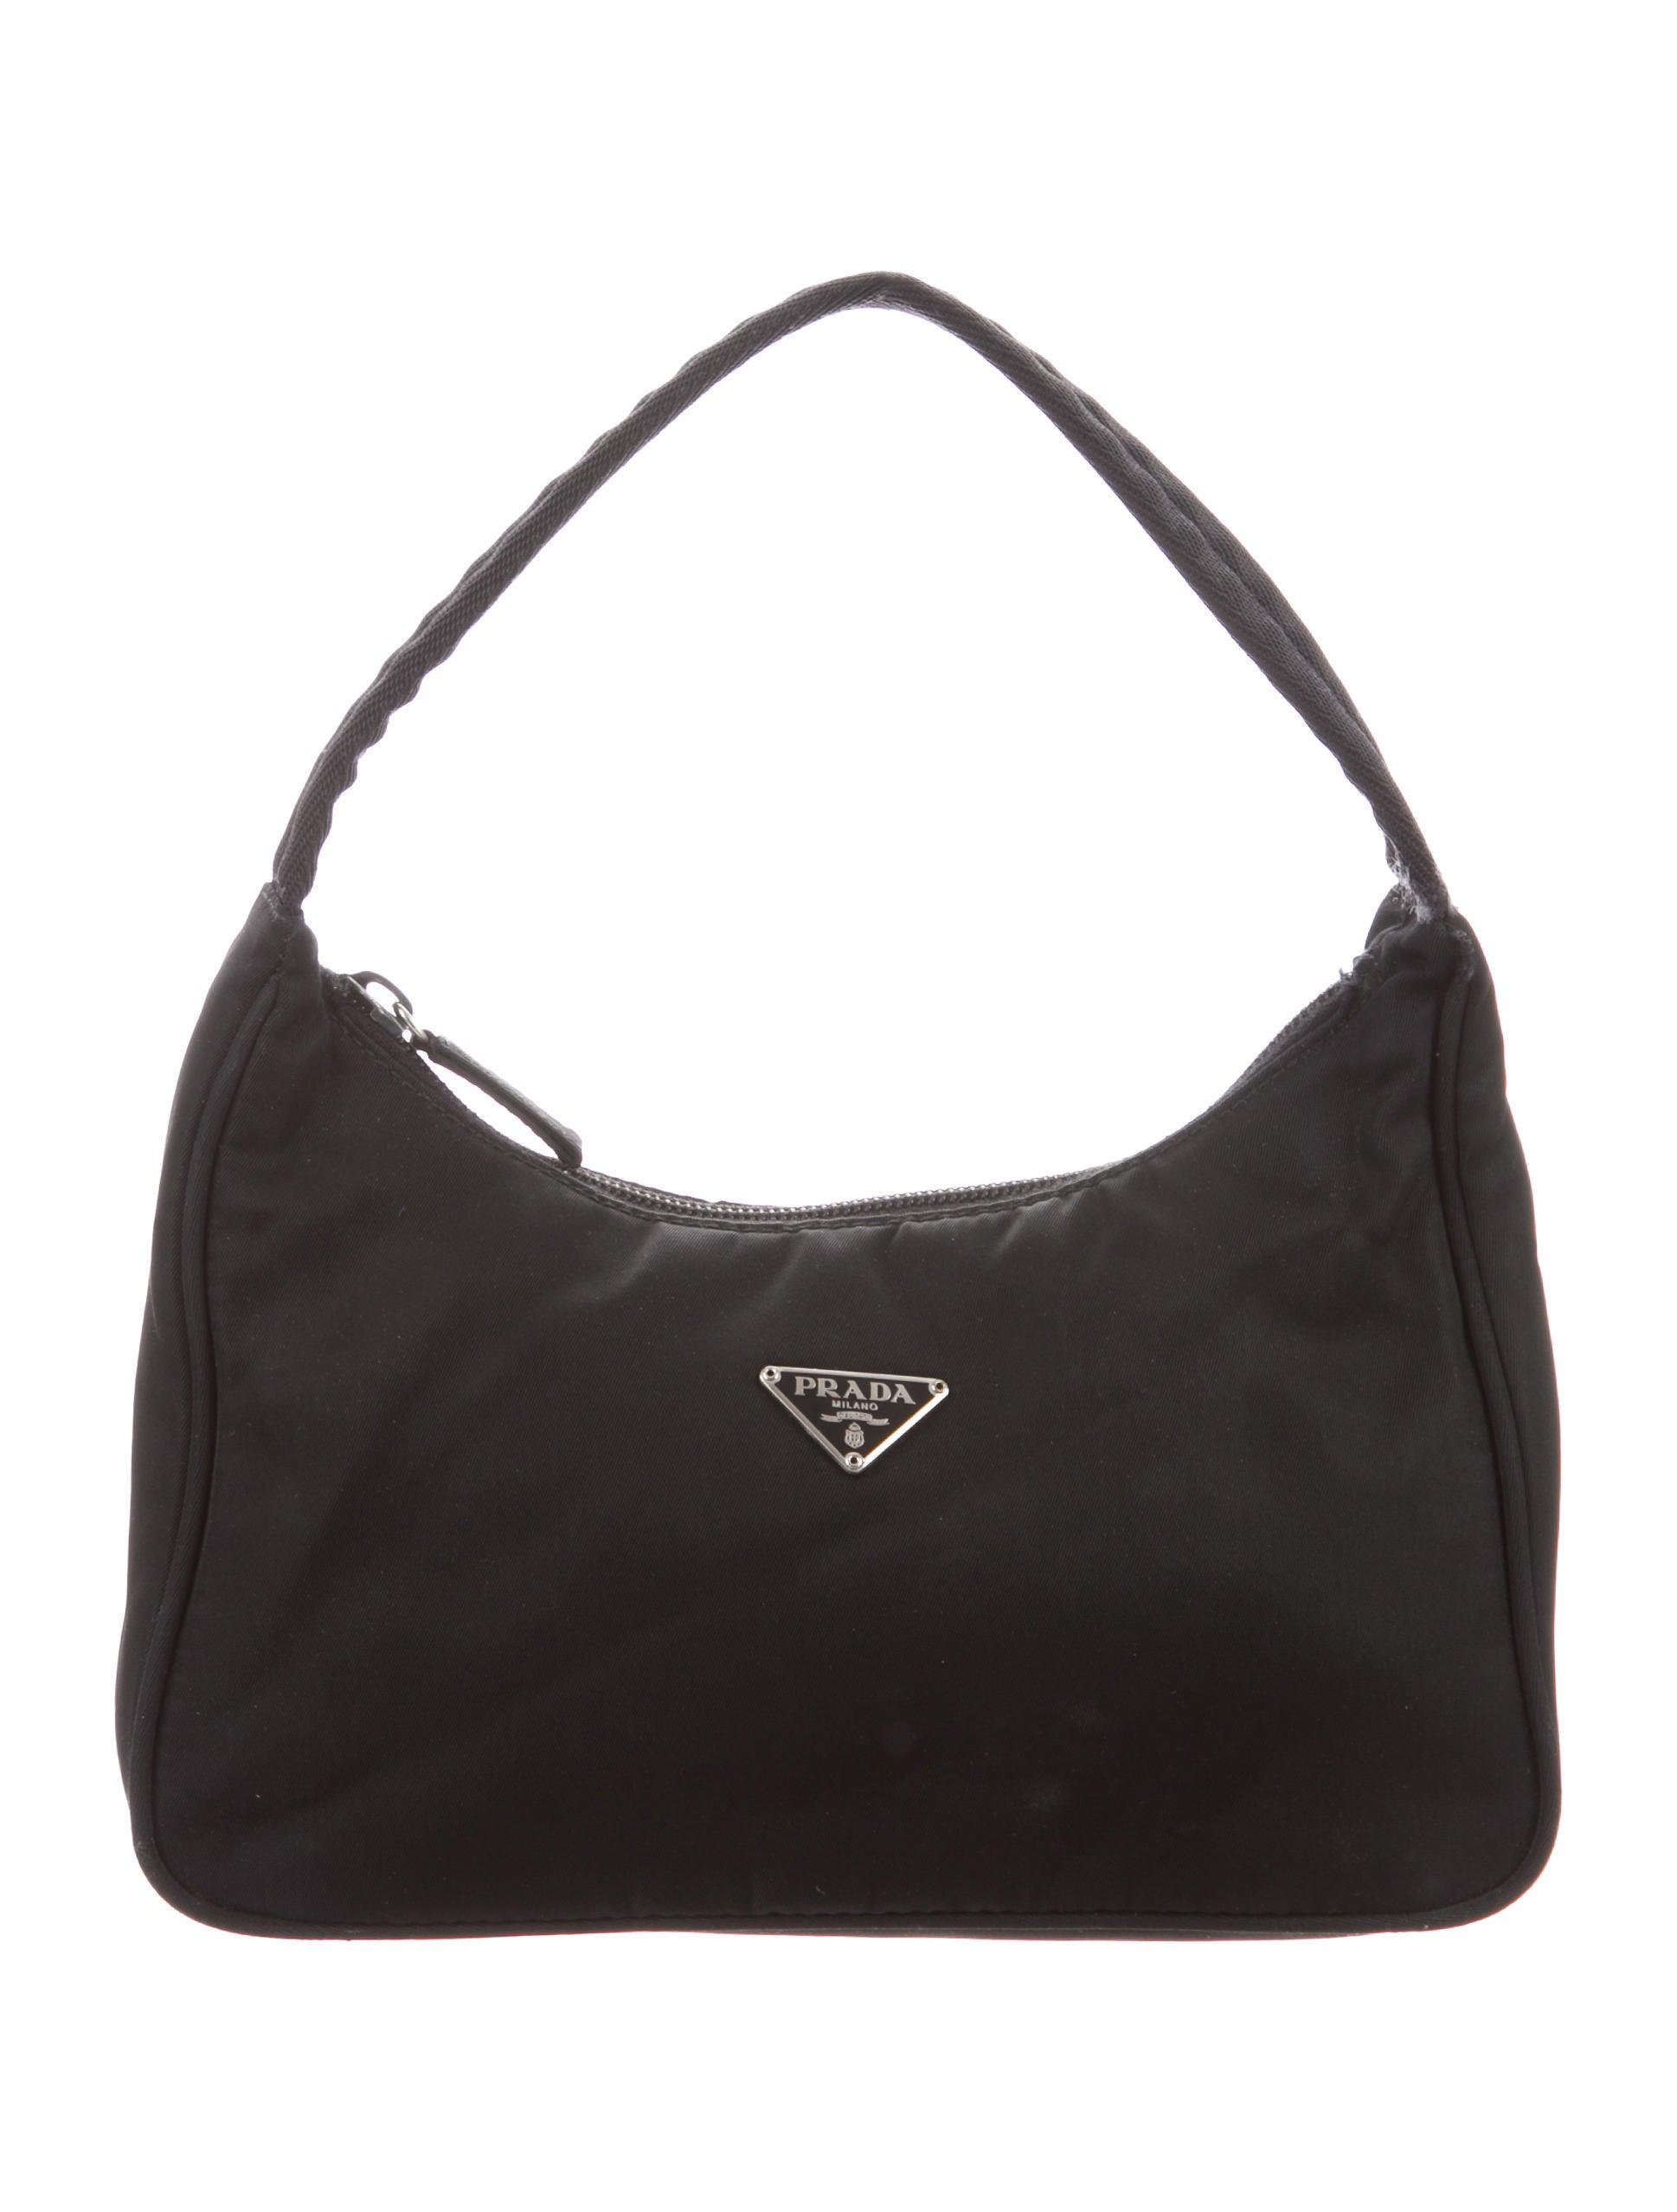 8a6b393b6c coupon code for prada shoulder mini 1811 handbags in black 36ac3 cd991